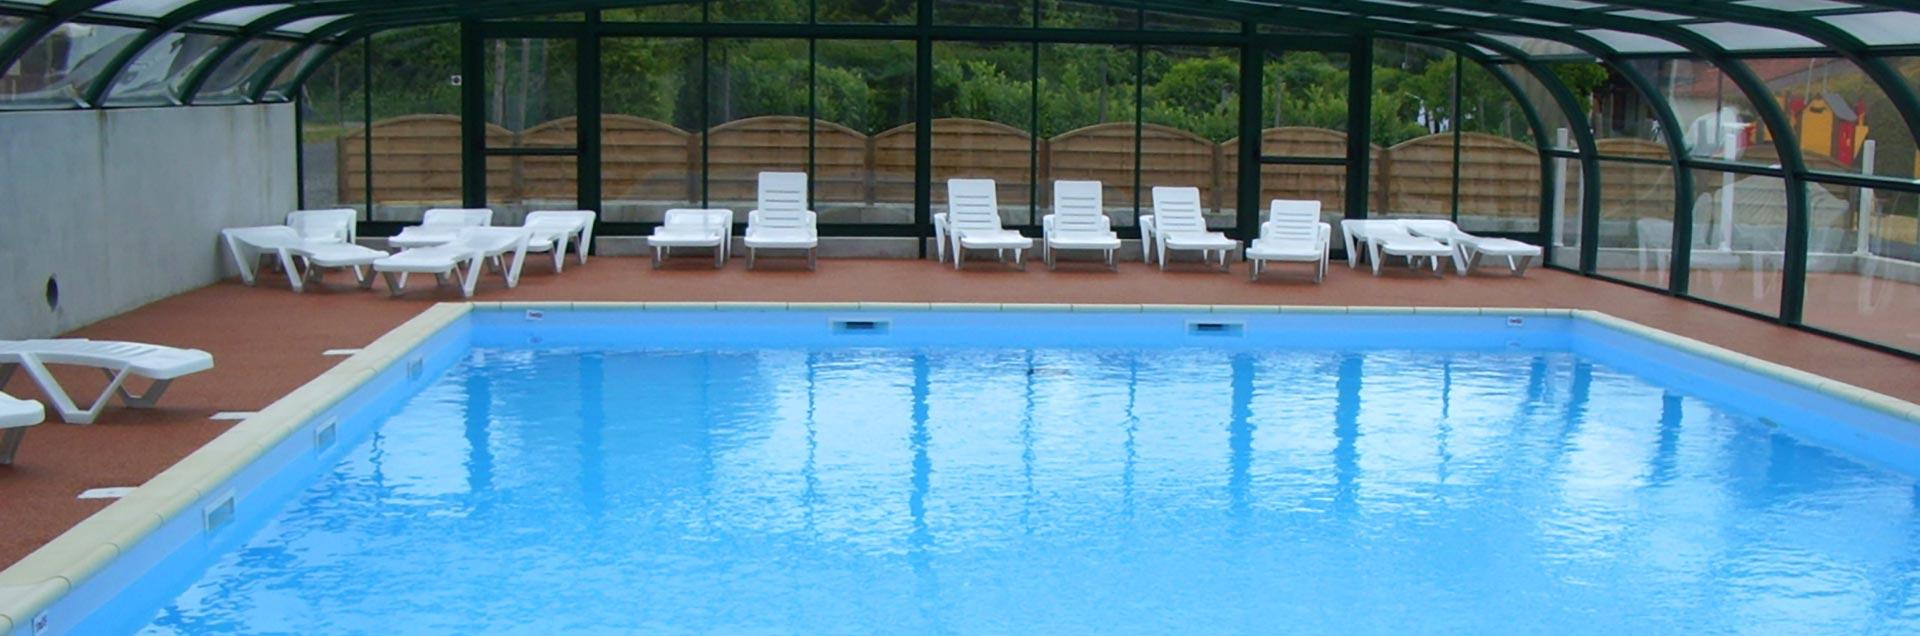 Camping ouvert toute l annee avec piscine couverte for Camping blois avec piscine